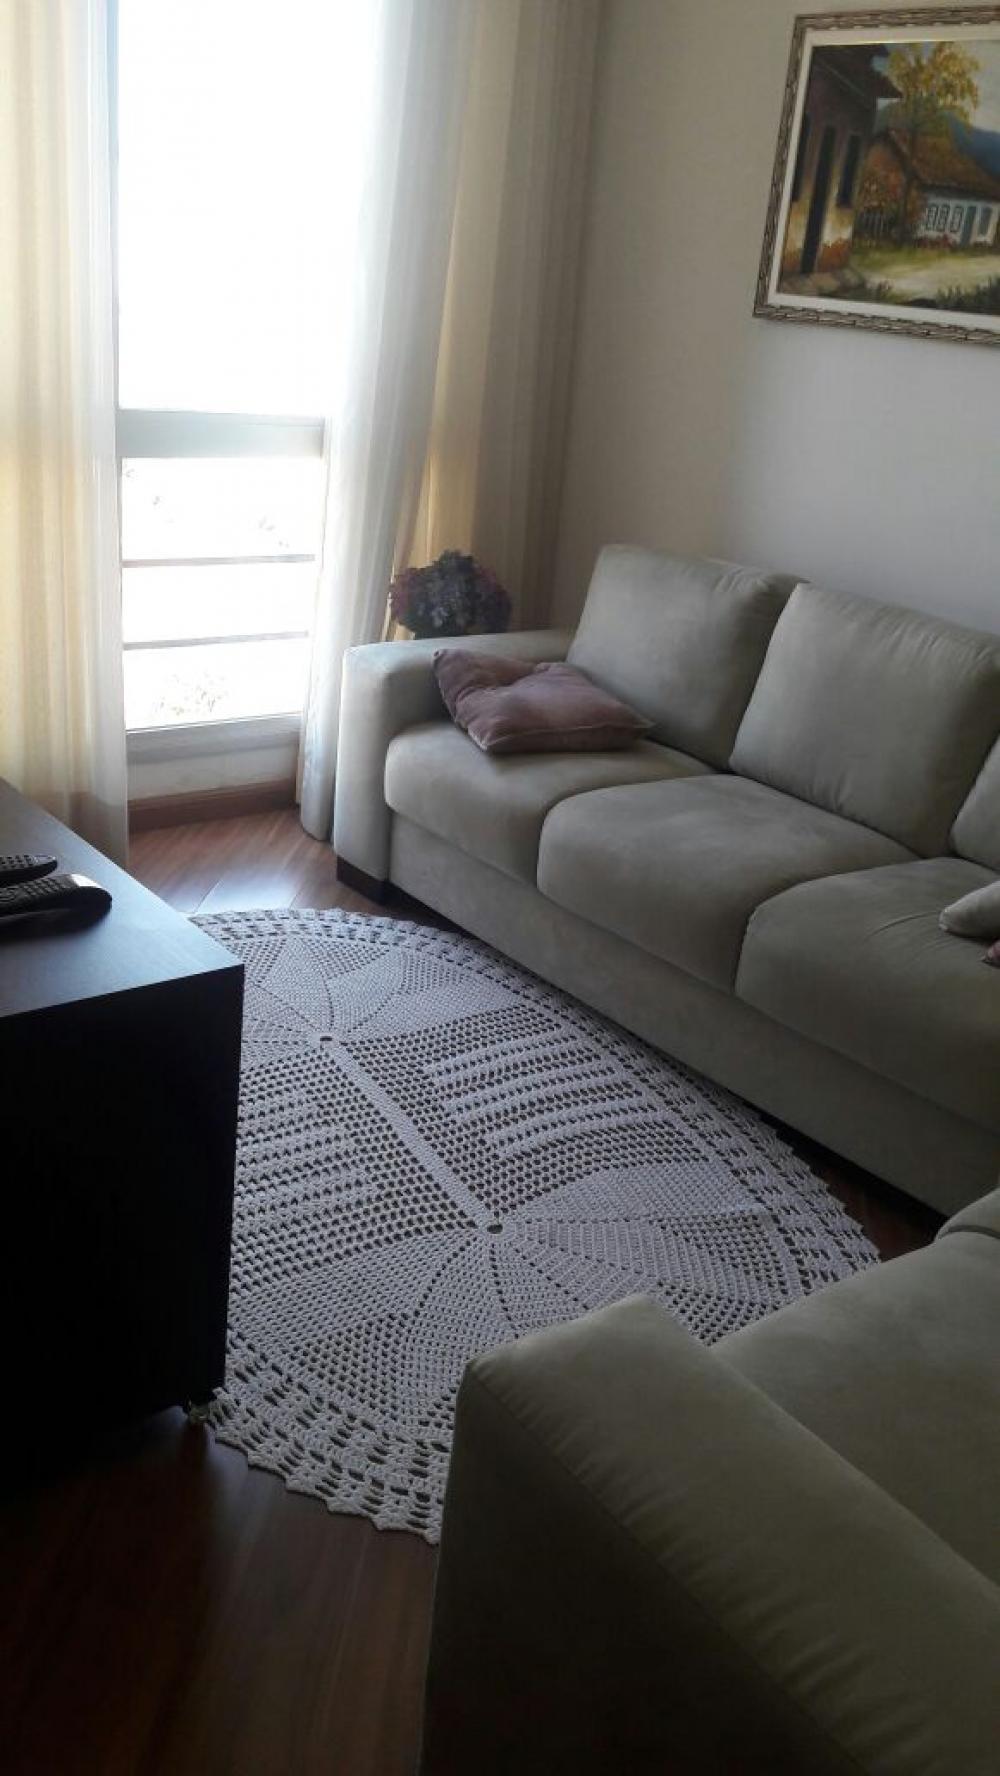 Comprar Apartamento / Padrão em São Paulo apenas R$ 550.000,00 - Foto 4